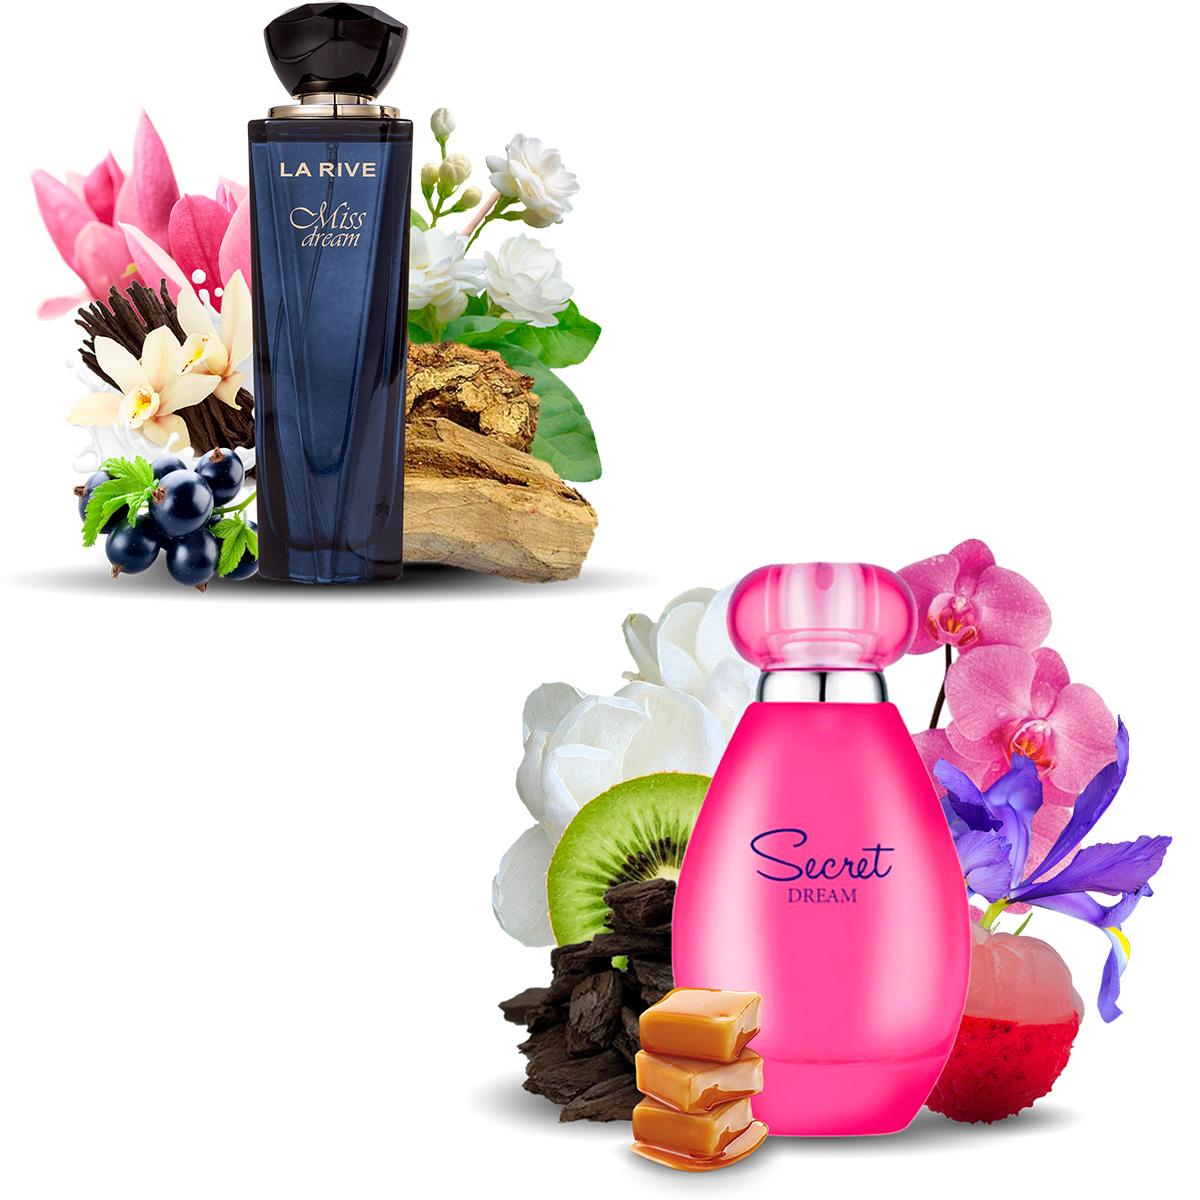 Kit 2 Perfumes La Rive Miss Dream 100ml + Secret Dream 90ml